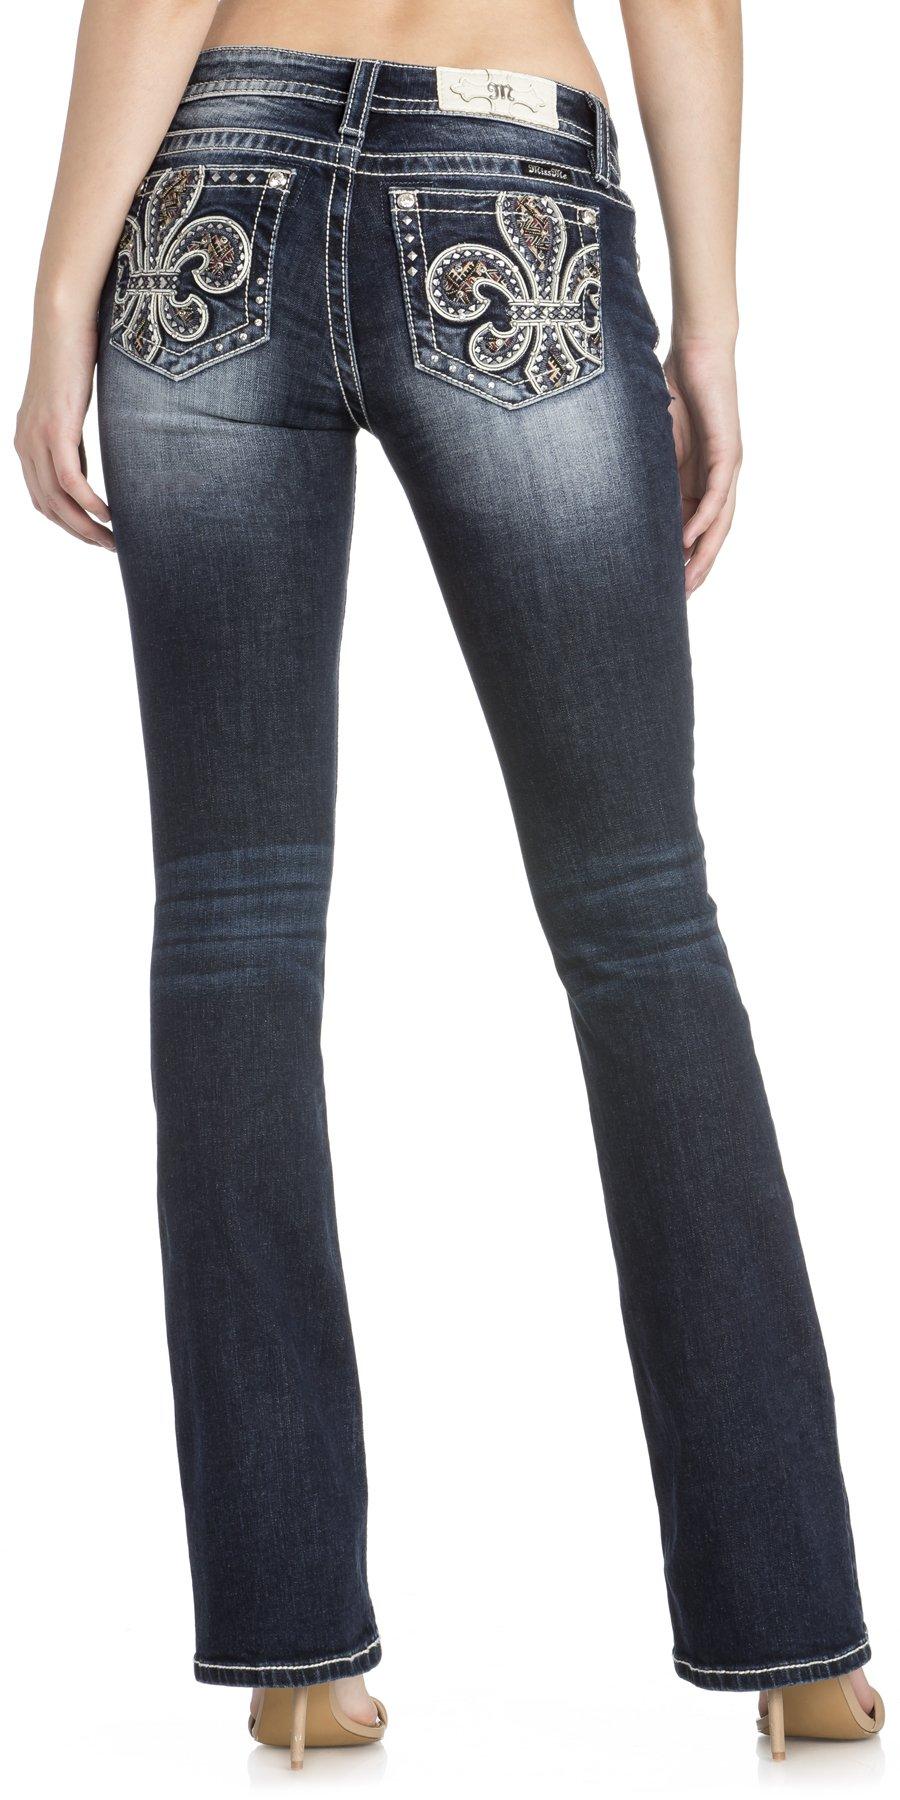 Miss Me Women's Fleur-de-lis Mid-Rise Bootcut Jeans (Dark Blue, 30)